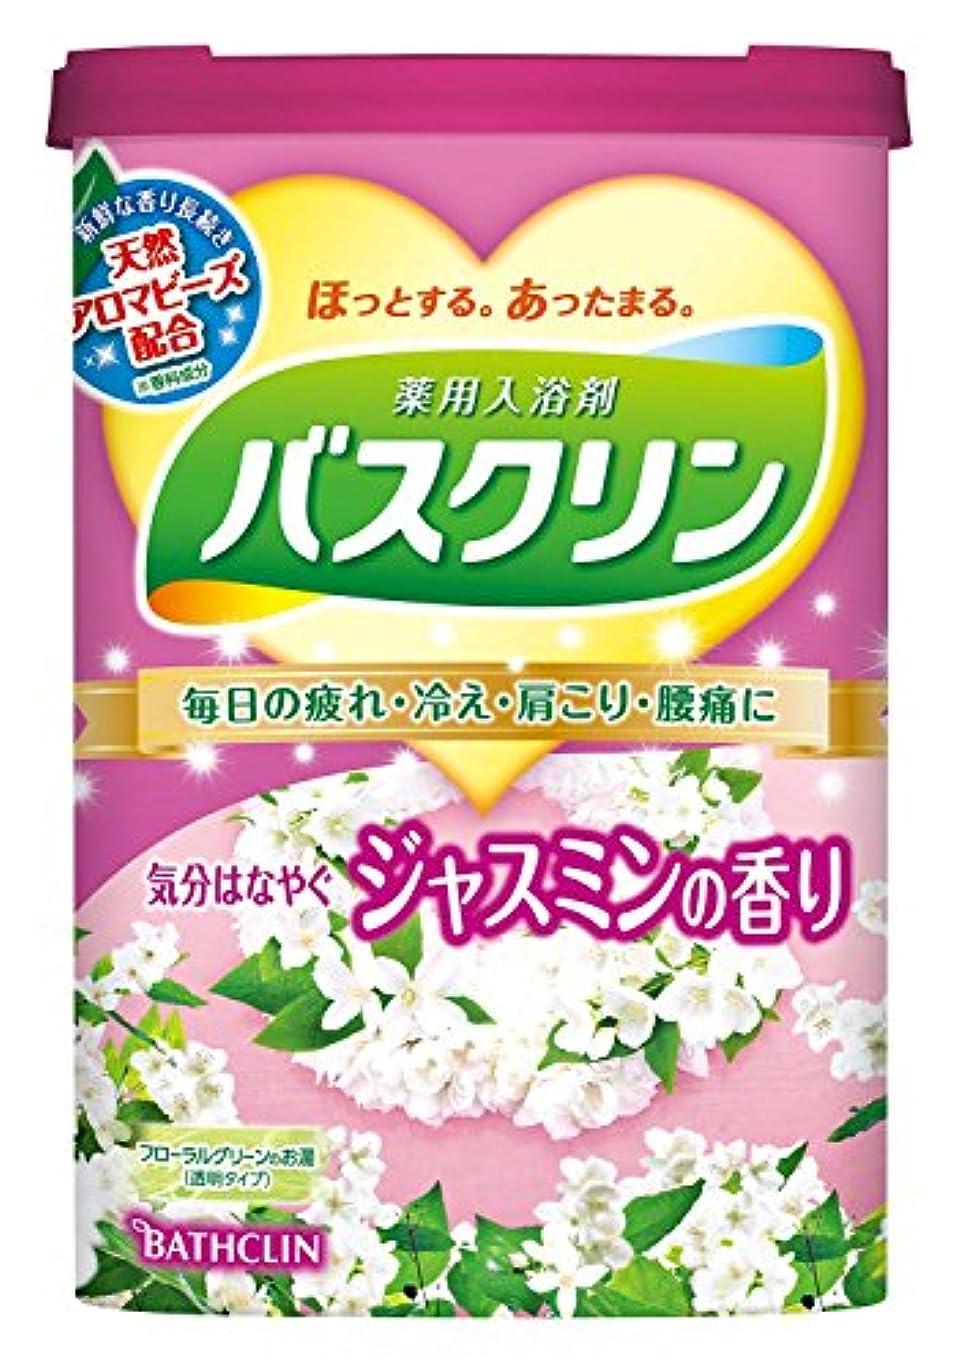 責任者介入する豊かにする【医薬部外品】バスクリン ジャスミンの香り 600g 入浴剤